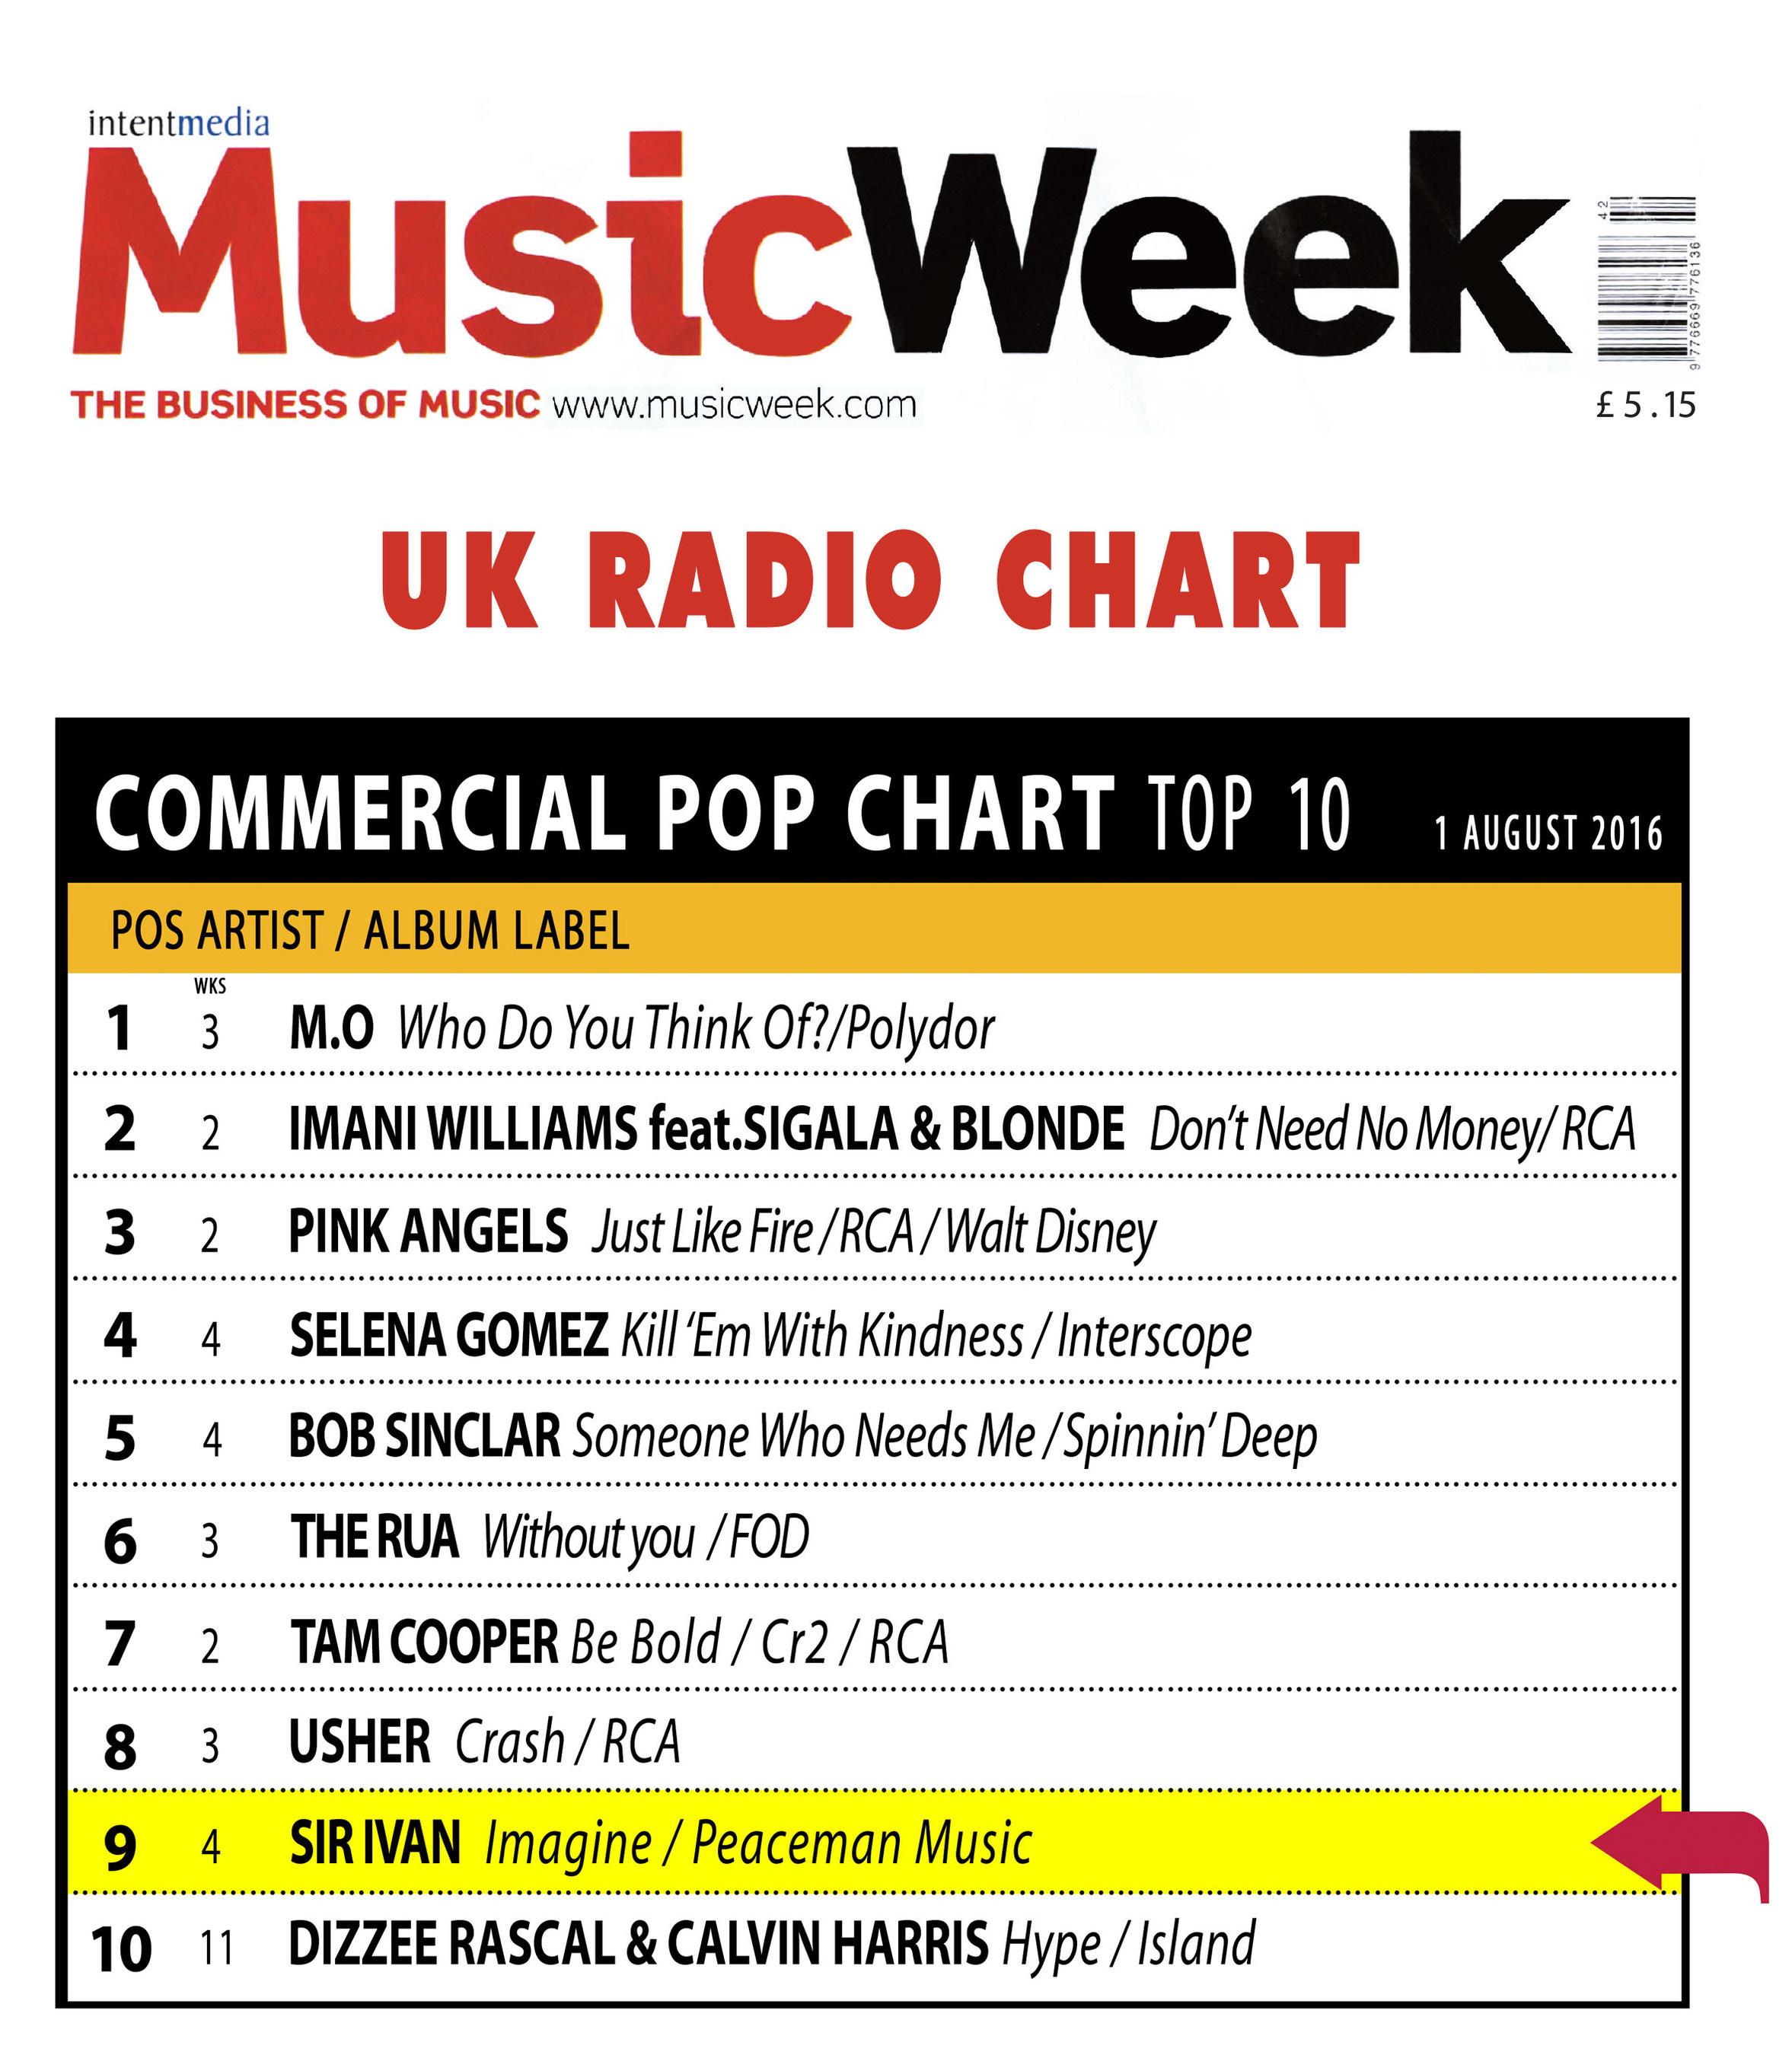 Peaceman_Music_SIR_IVAN_Top_10_Music_Week___1